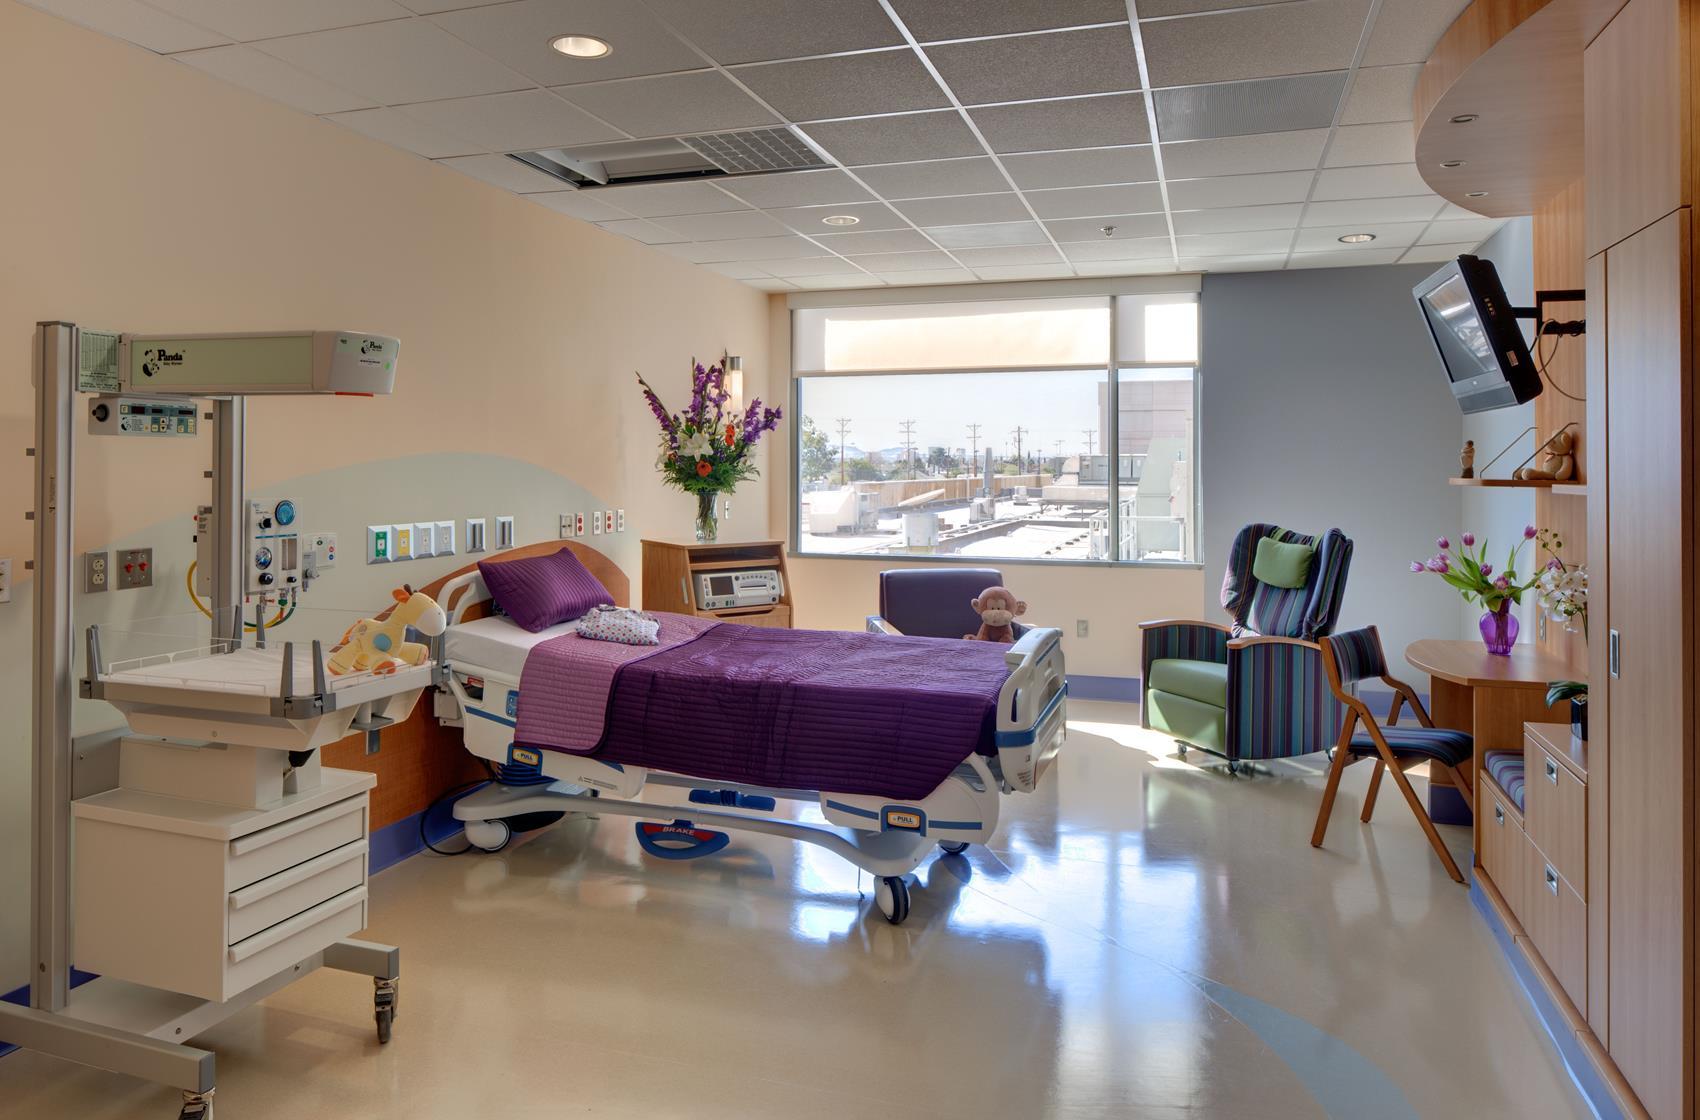 Patient room at El Paso Children's